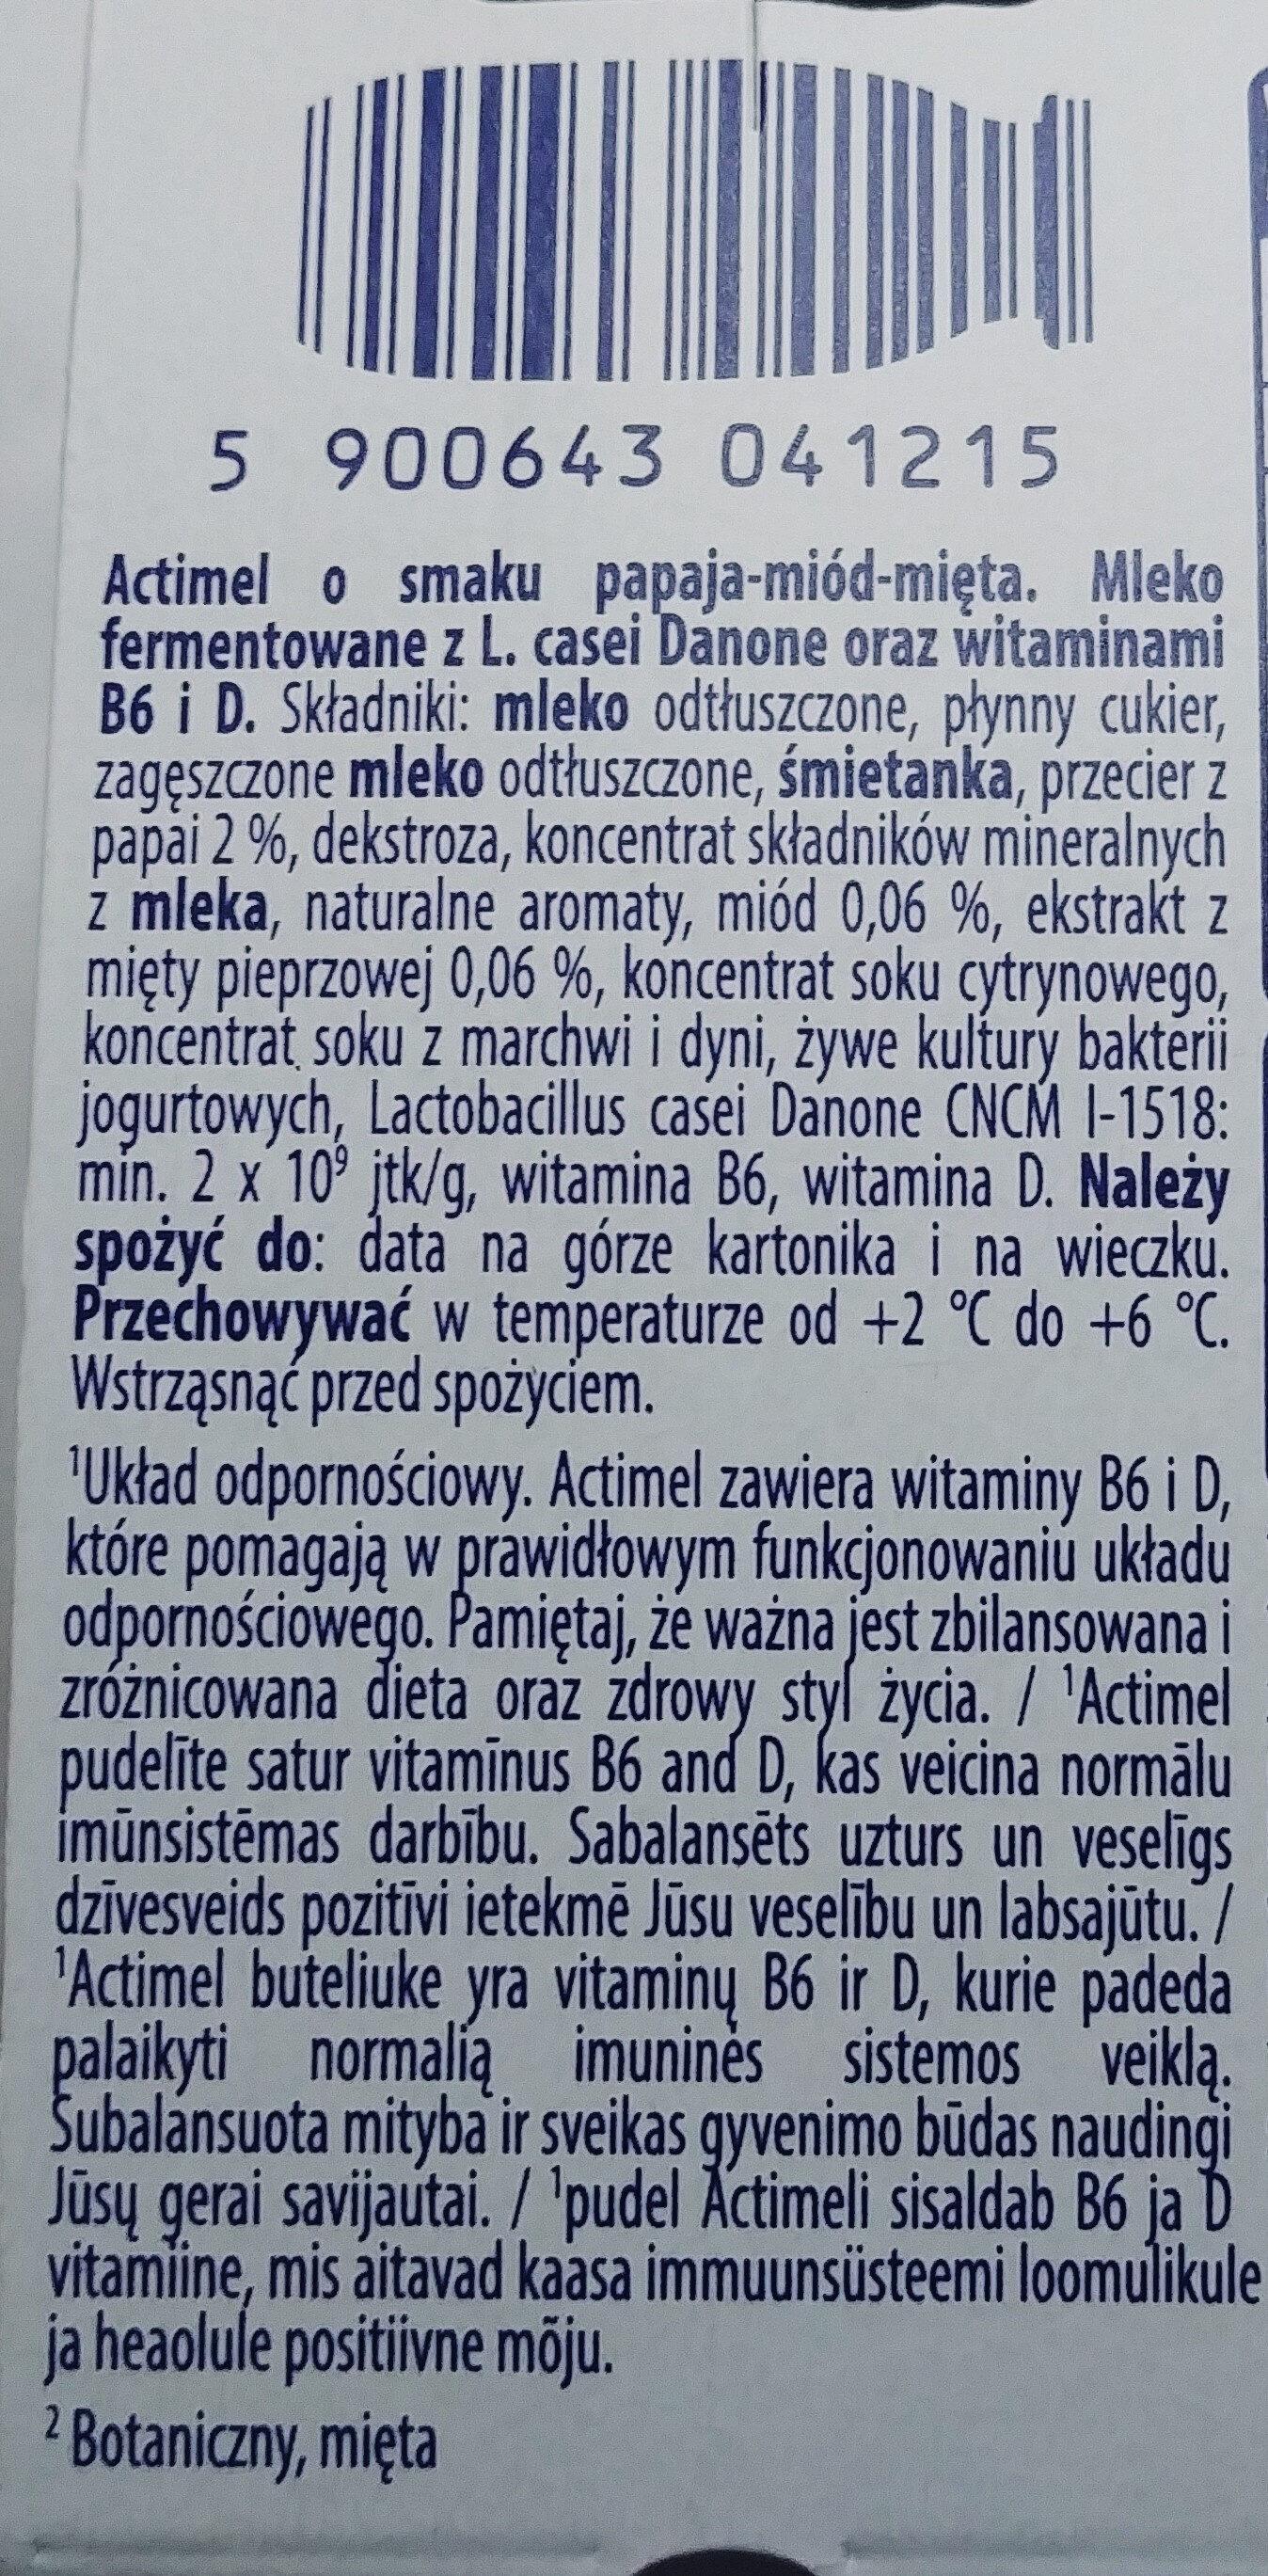 Mleko fermentowane z L. casei Danone oraz witaminami B6 i D. Actimel o smaku papaja-miód-mięta. - Składniki